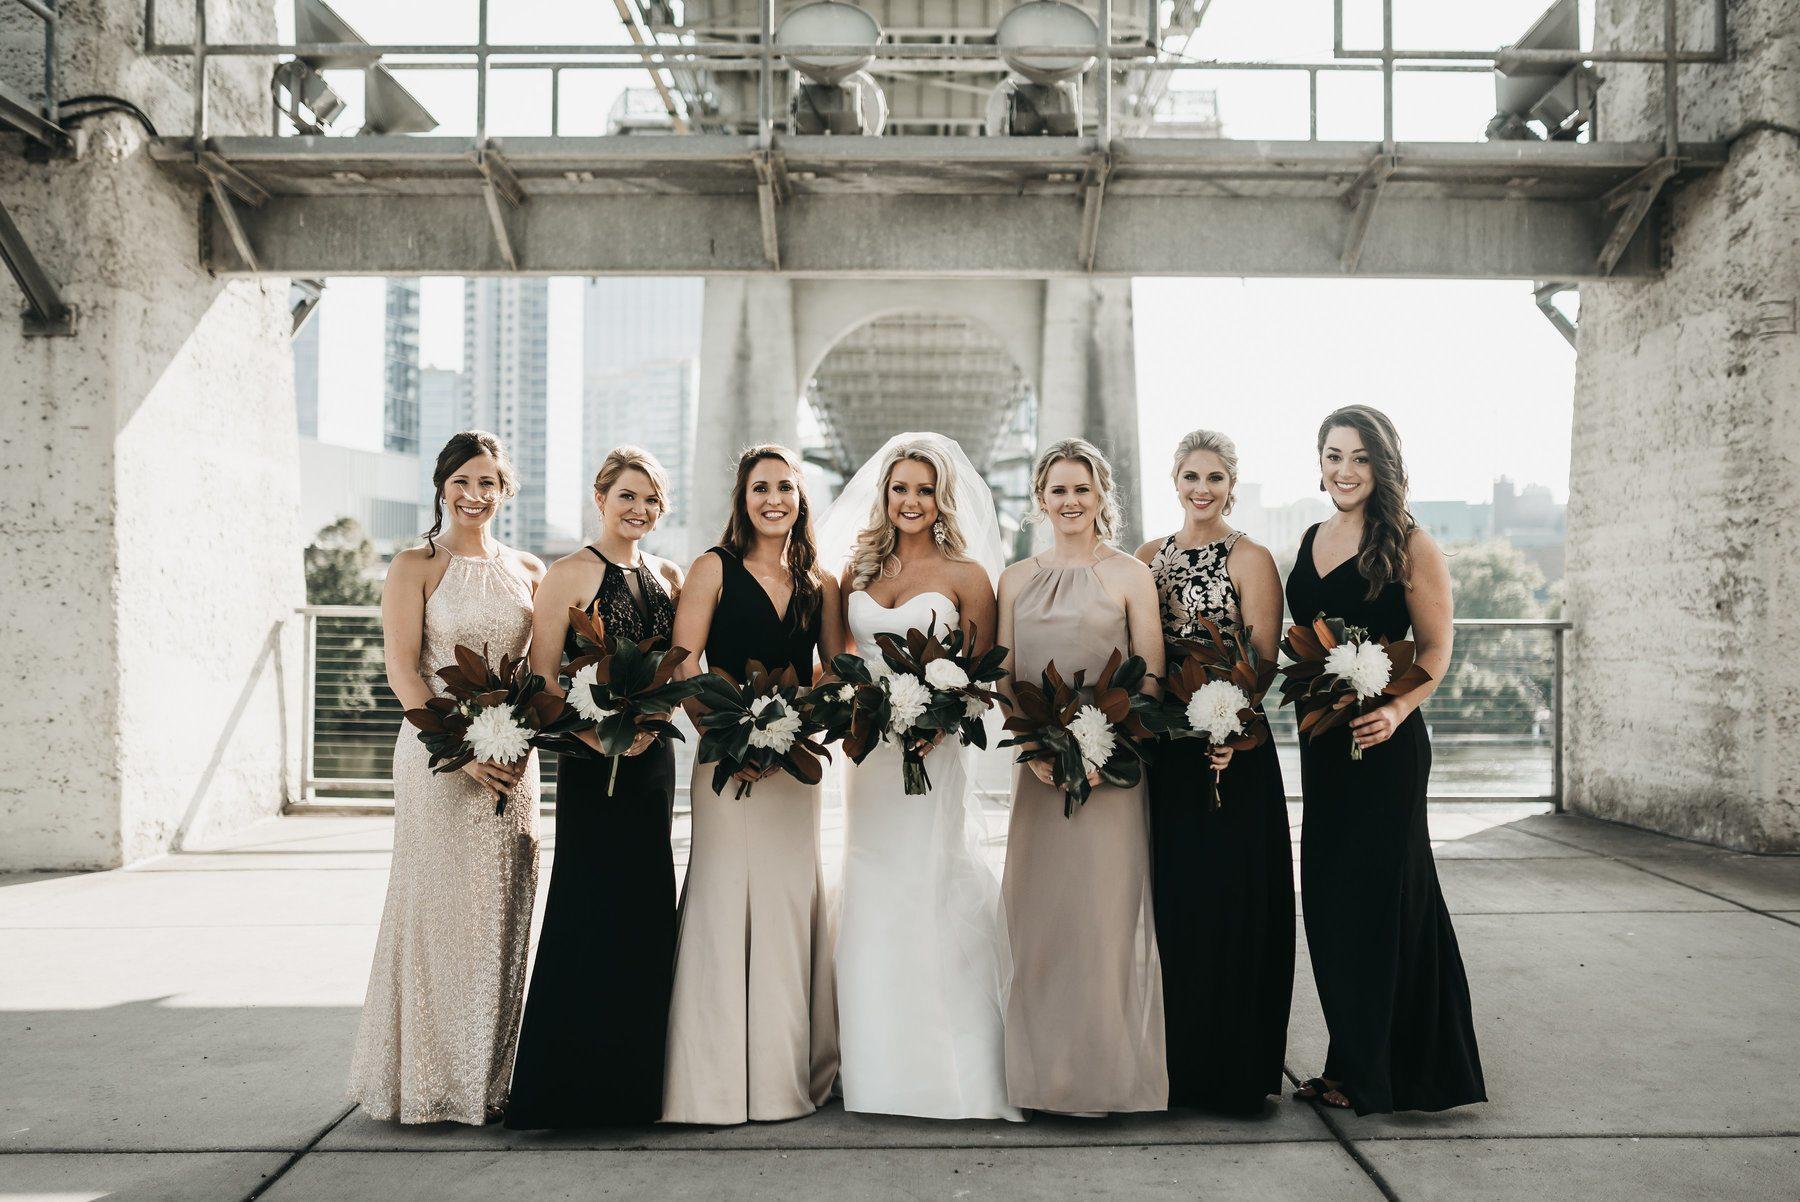 fête nuptiale en robes de demoiselle d'honneur scintillantes